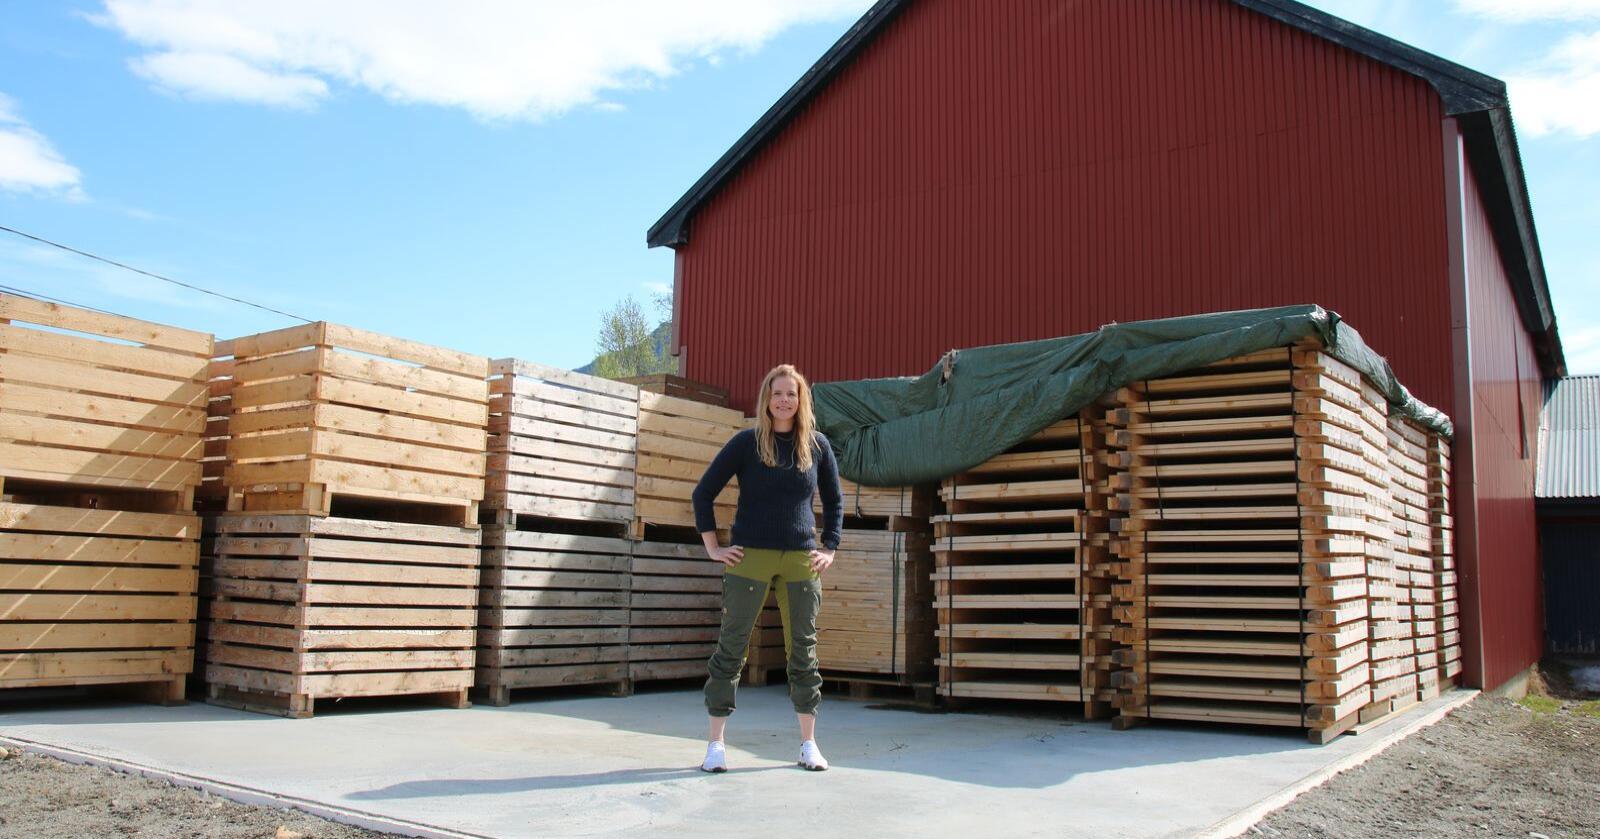 Gården har i dag for lite lagerkapasitet. Planen er å bygge et nytt potetlager på den grunnmuren Lise står på.